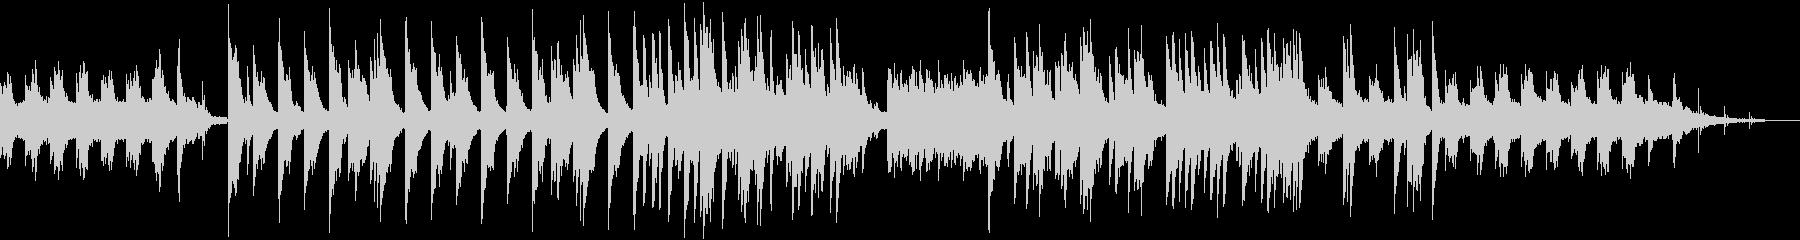 シンセサイザーのサウンドが切ないBGMの未再生の波形